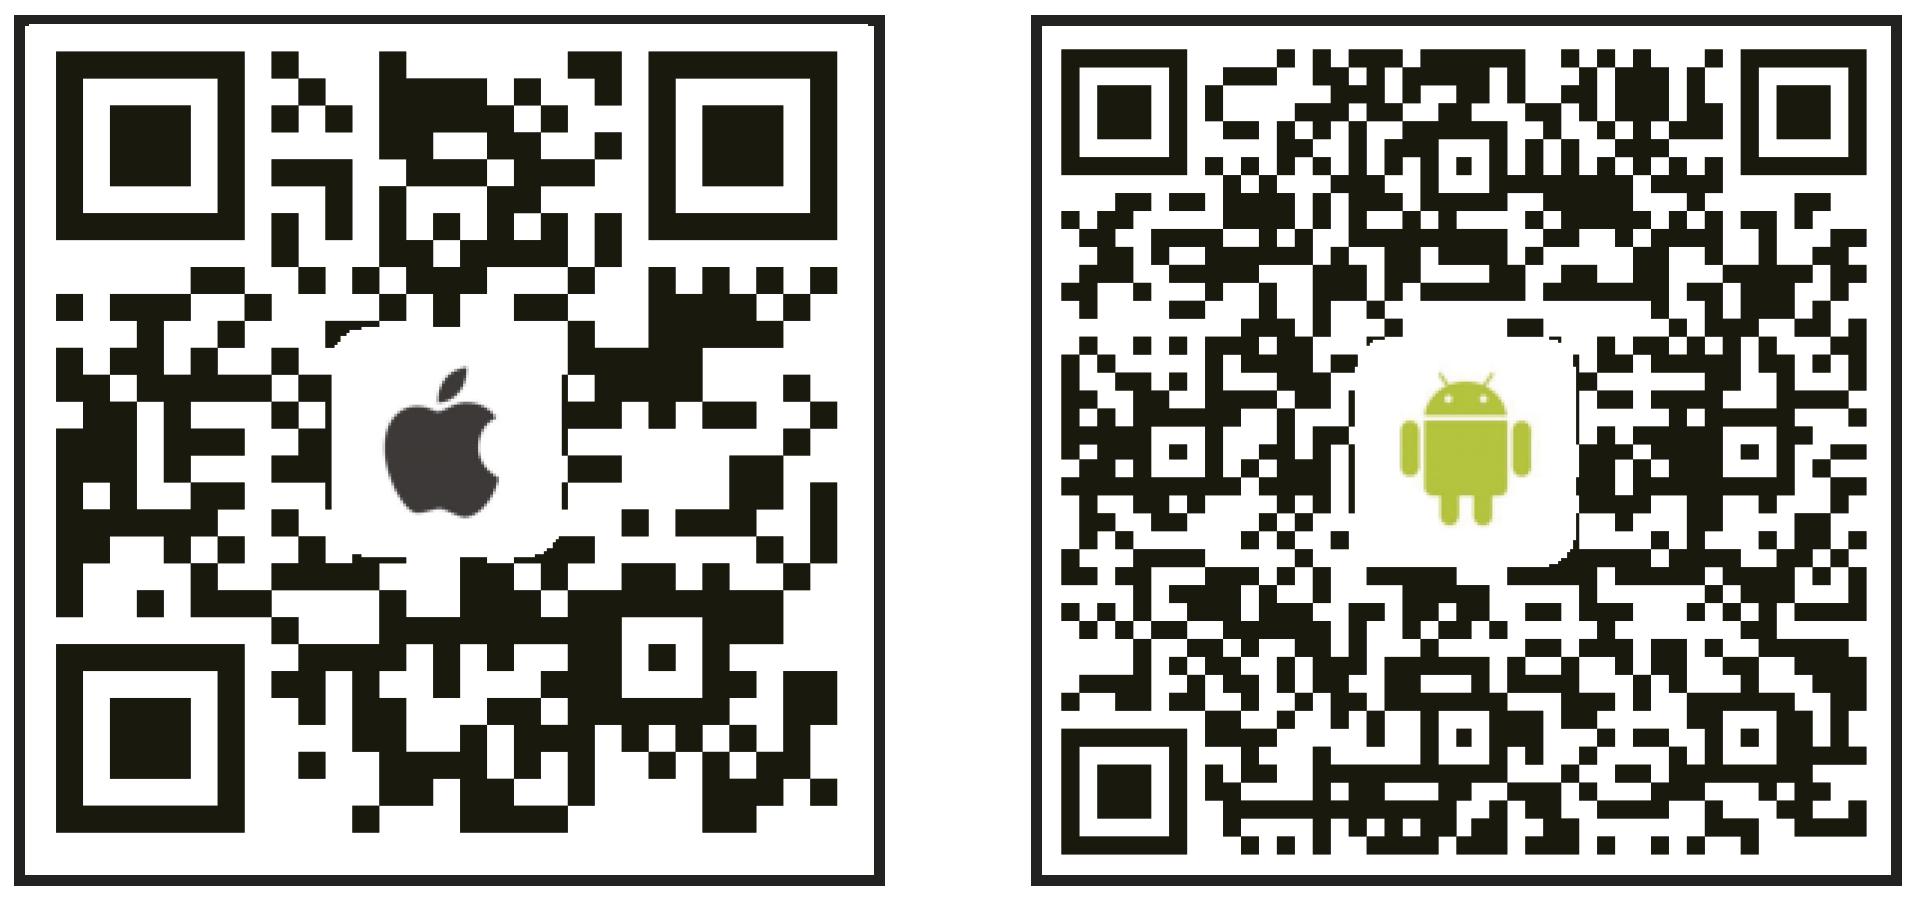 QR Code Smartphone App